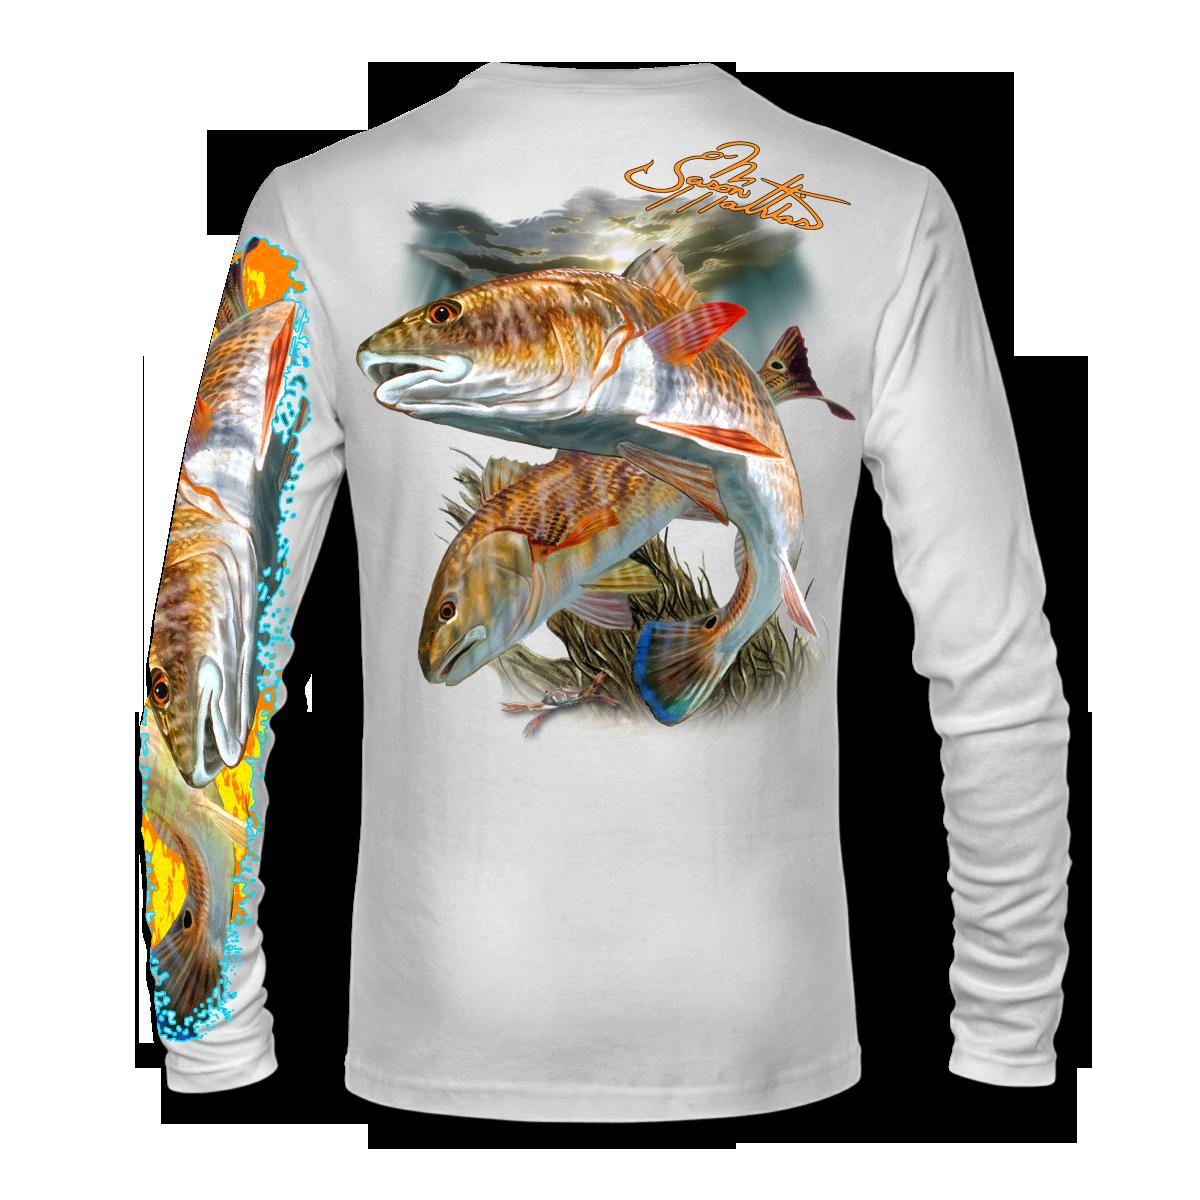 redfish-shirt-white-back-jason-mathias.png